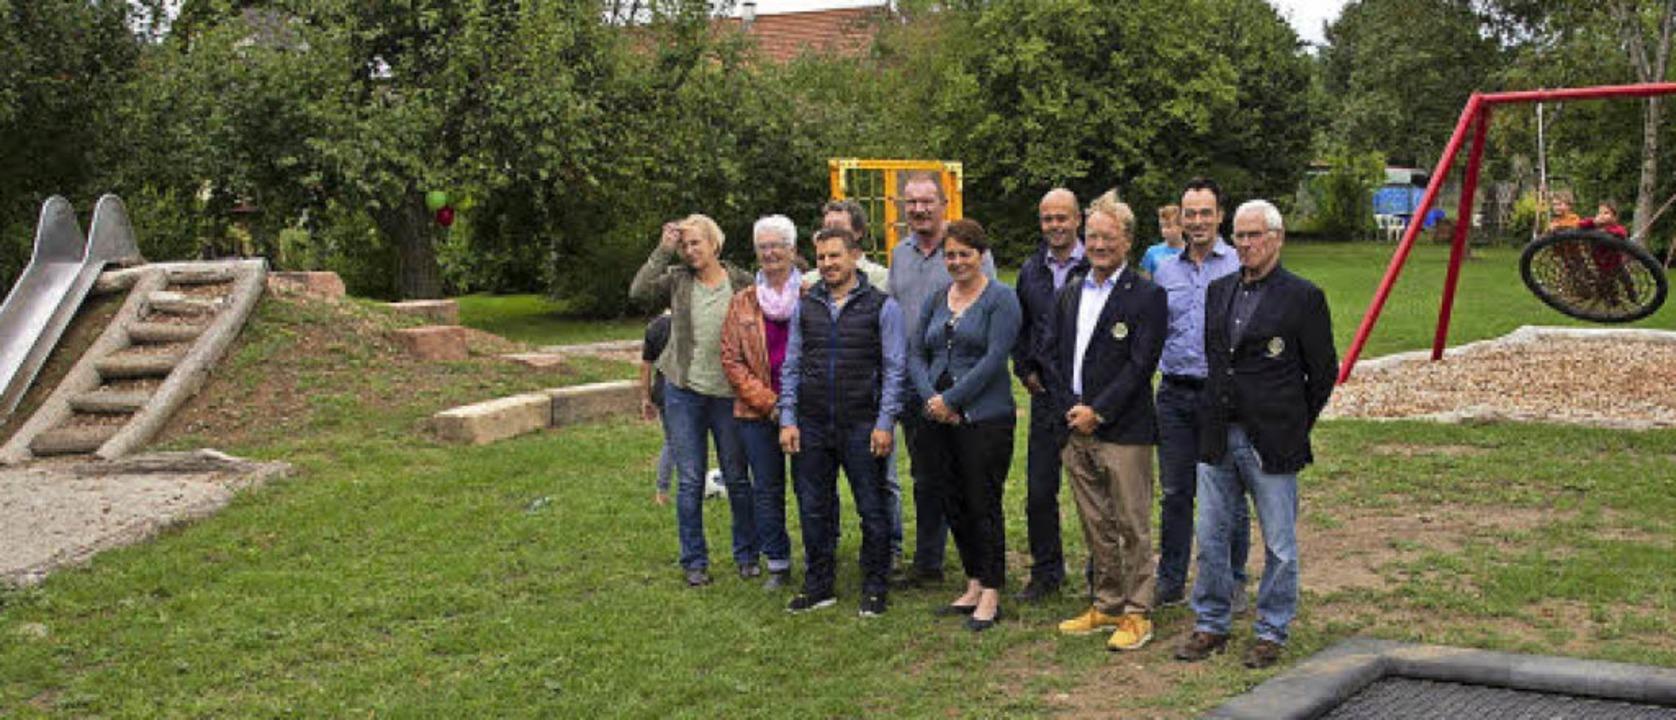 Macher, Eltern, Gemeinderäte, Vertrete...geio, stehen für den neuen Spielplatz.    Foto: Volker Münch